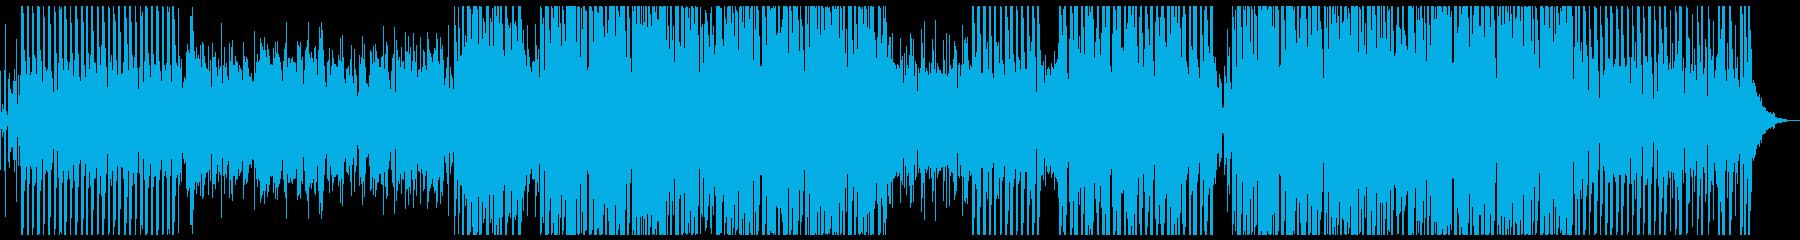 夏の海辺で聞きたいトロピカルハウスの再生済みの波形